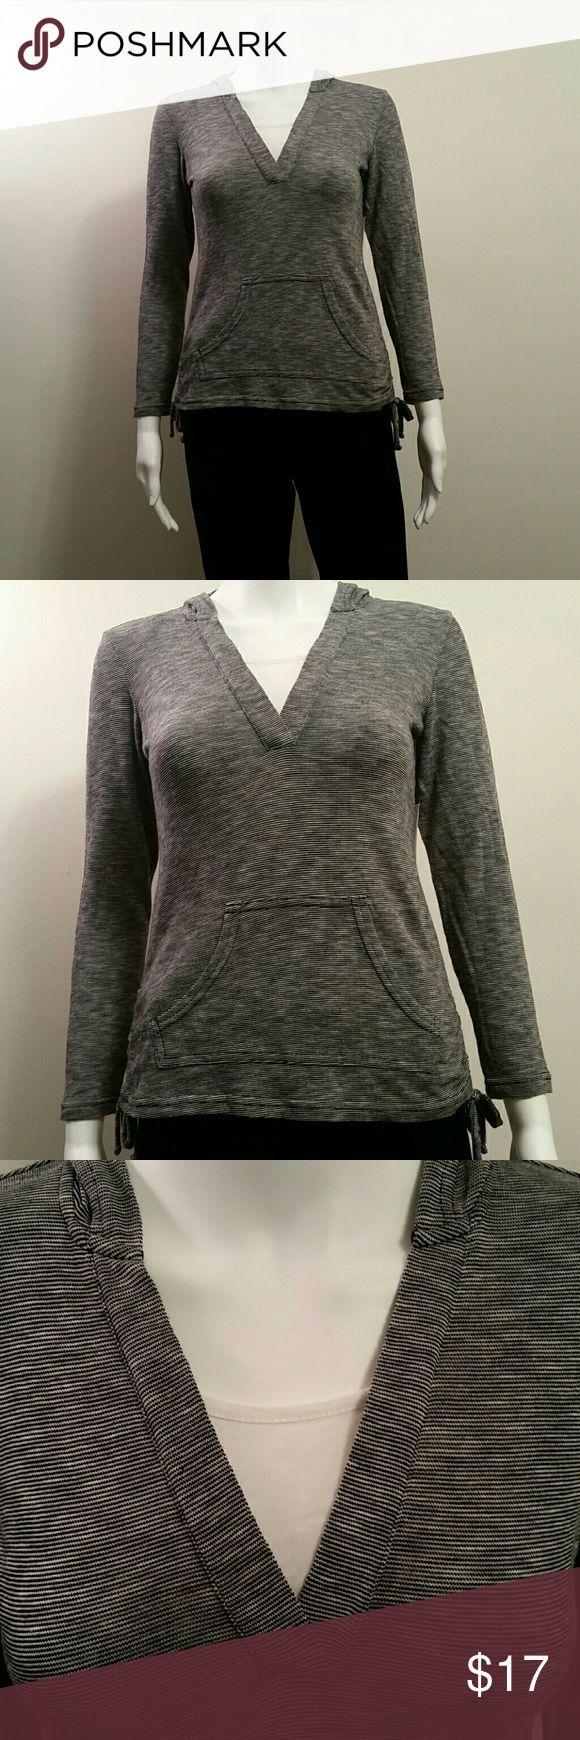 NWT Style&Co Petite Hoodie w Mock Undershirt NWT Style&Co Petite Black and White Hoodie w Mock Undershirt Retail  $49 Style&Co  Tops Sweatshirts & Hoodies